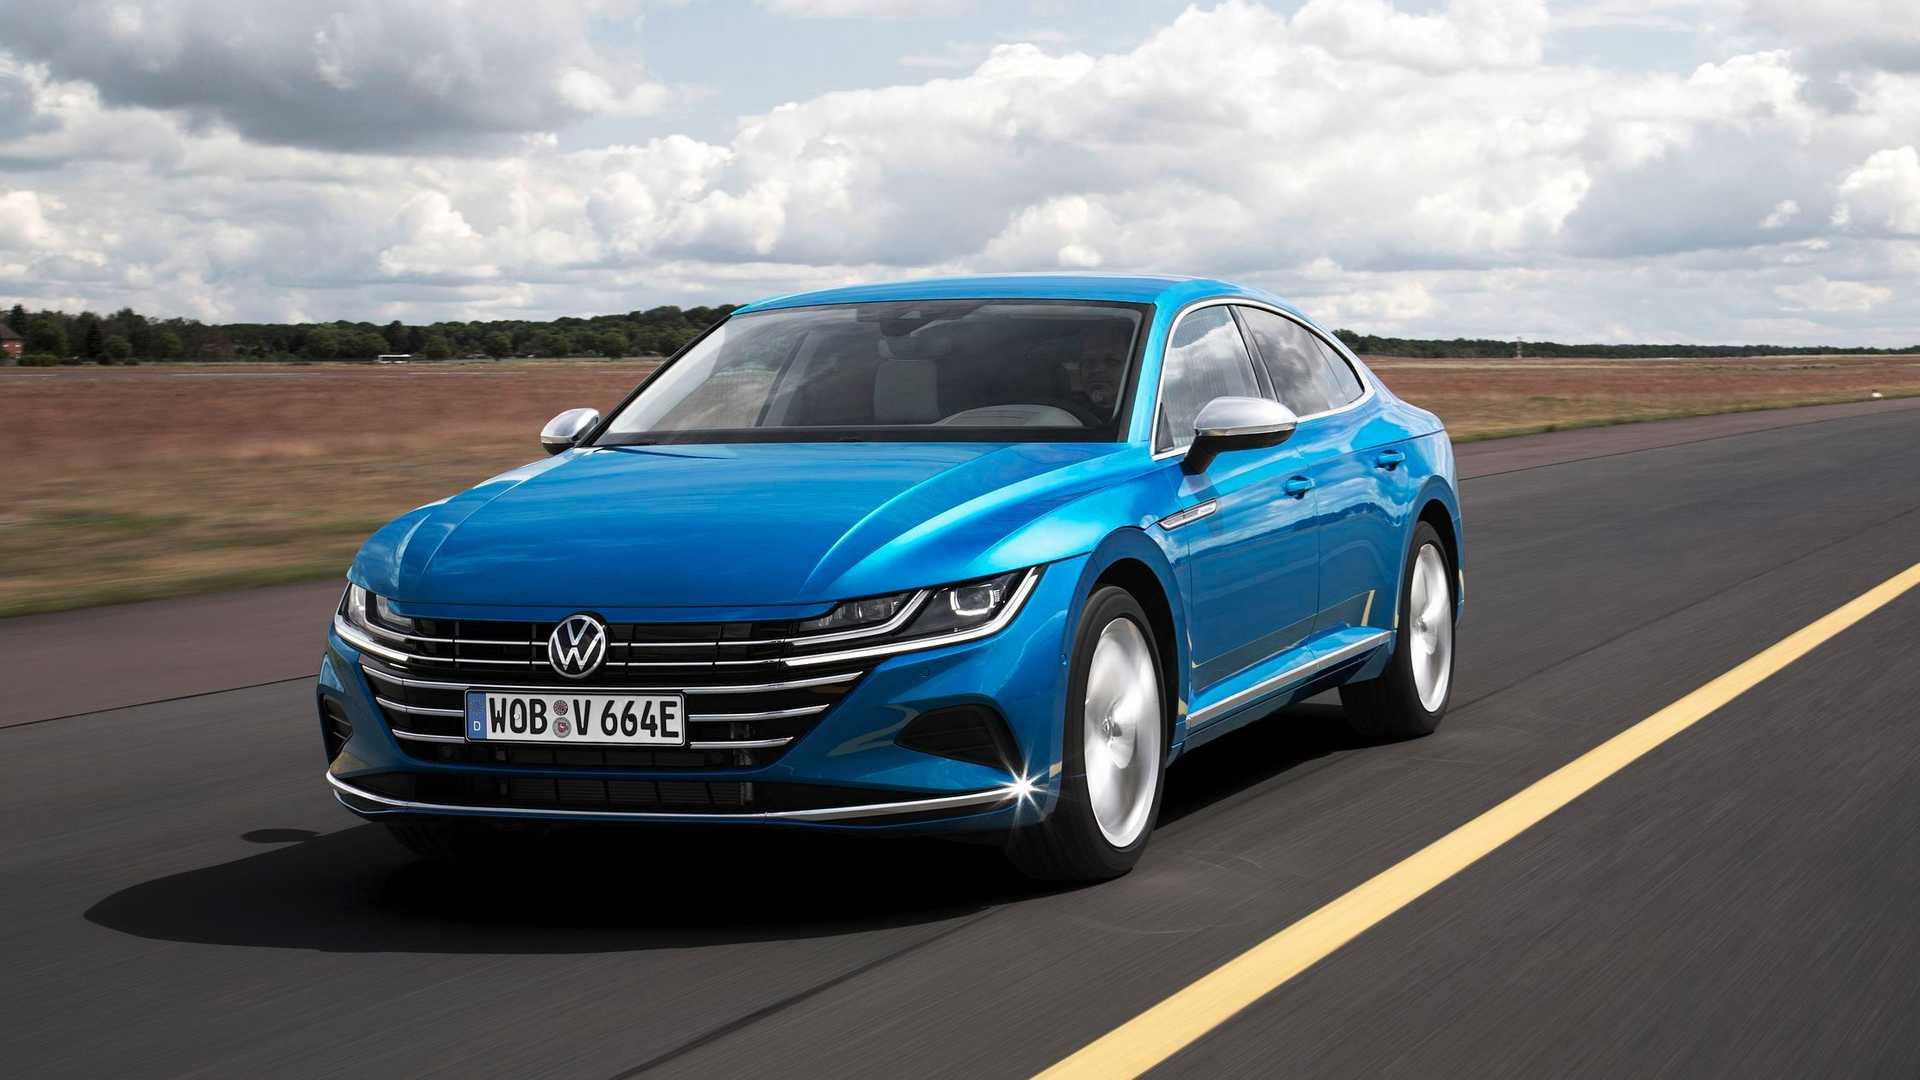 提供两种风格可选 大众CC推出插电混动版车型